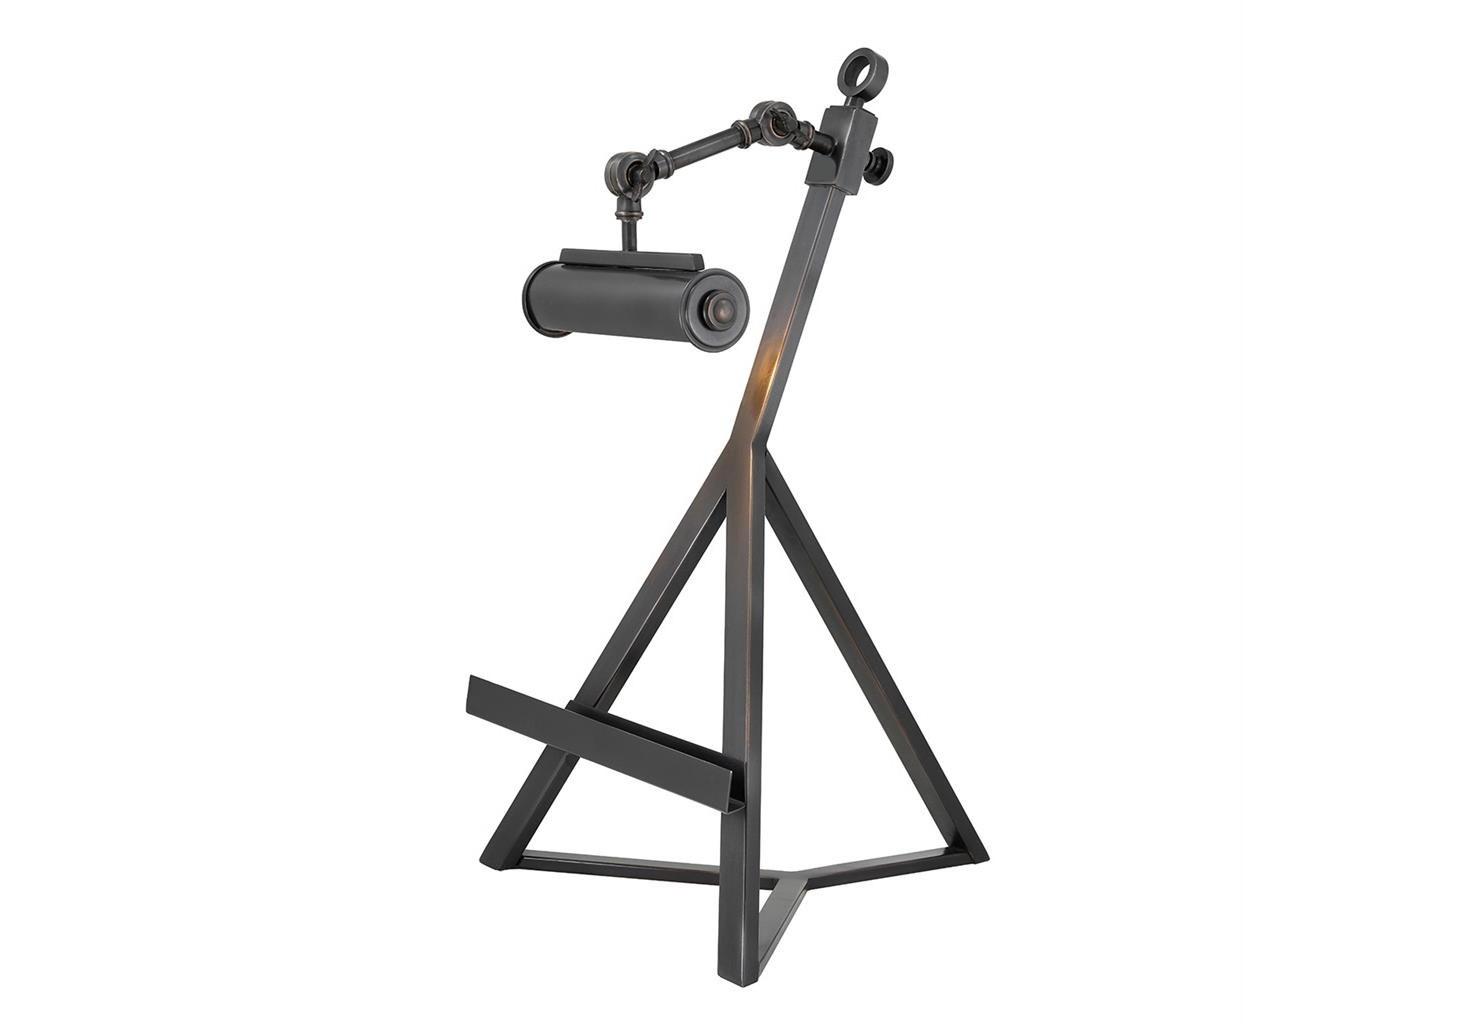 Настольная лампаДекоративные лампы<br>Лампа для рабочего стола c подставкой для книг Book Stand Franklin с регулируемой лампой. Выполнена из металла бронзового цвета.&amp;lt;div&amp;gt;&amp;lt;br&amp;gt;&amp;lt;/div&amp;gt;&amp;lt;div&amp;gt;&amp;lt;div&amp;gt;Тип цоколя: E14&amp;lt;/div&amp;gt;&amp;lt;div&amp;gt;Мощность: 40W&amp;lt;/div&amp;gt;&amp;lt;div&amp;gt;Кол-во ламп: 1 (нет в комплекте)&amp;lt;/div&amp;gt;&amp;lt;/div&amp;gt;<br><br>Material: Металл<br>Ширина см: 32<br>Высота см: 57<br>Глубина см: 32